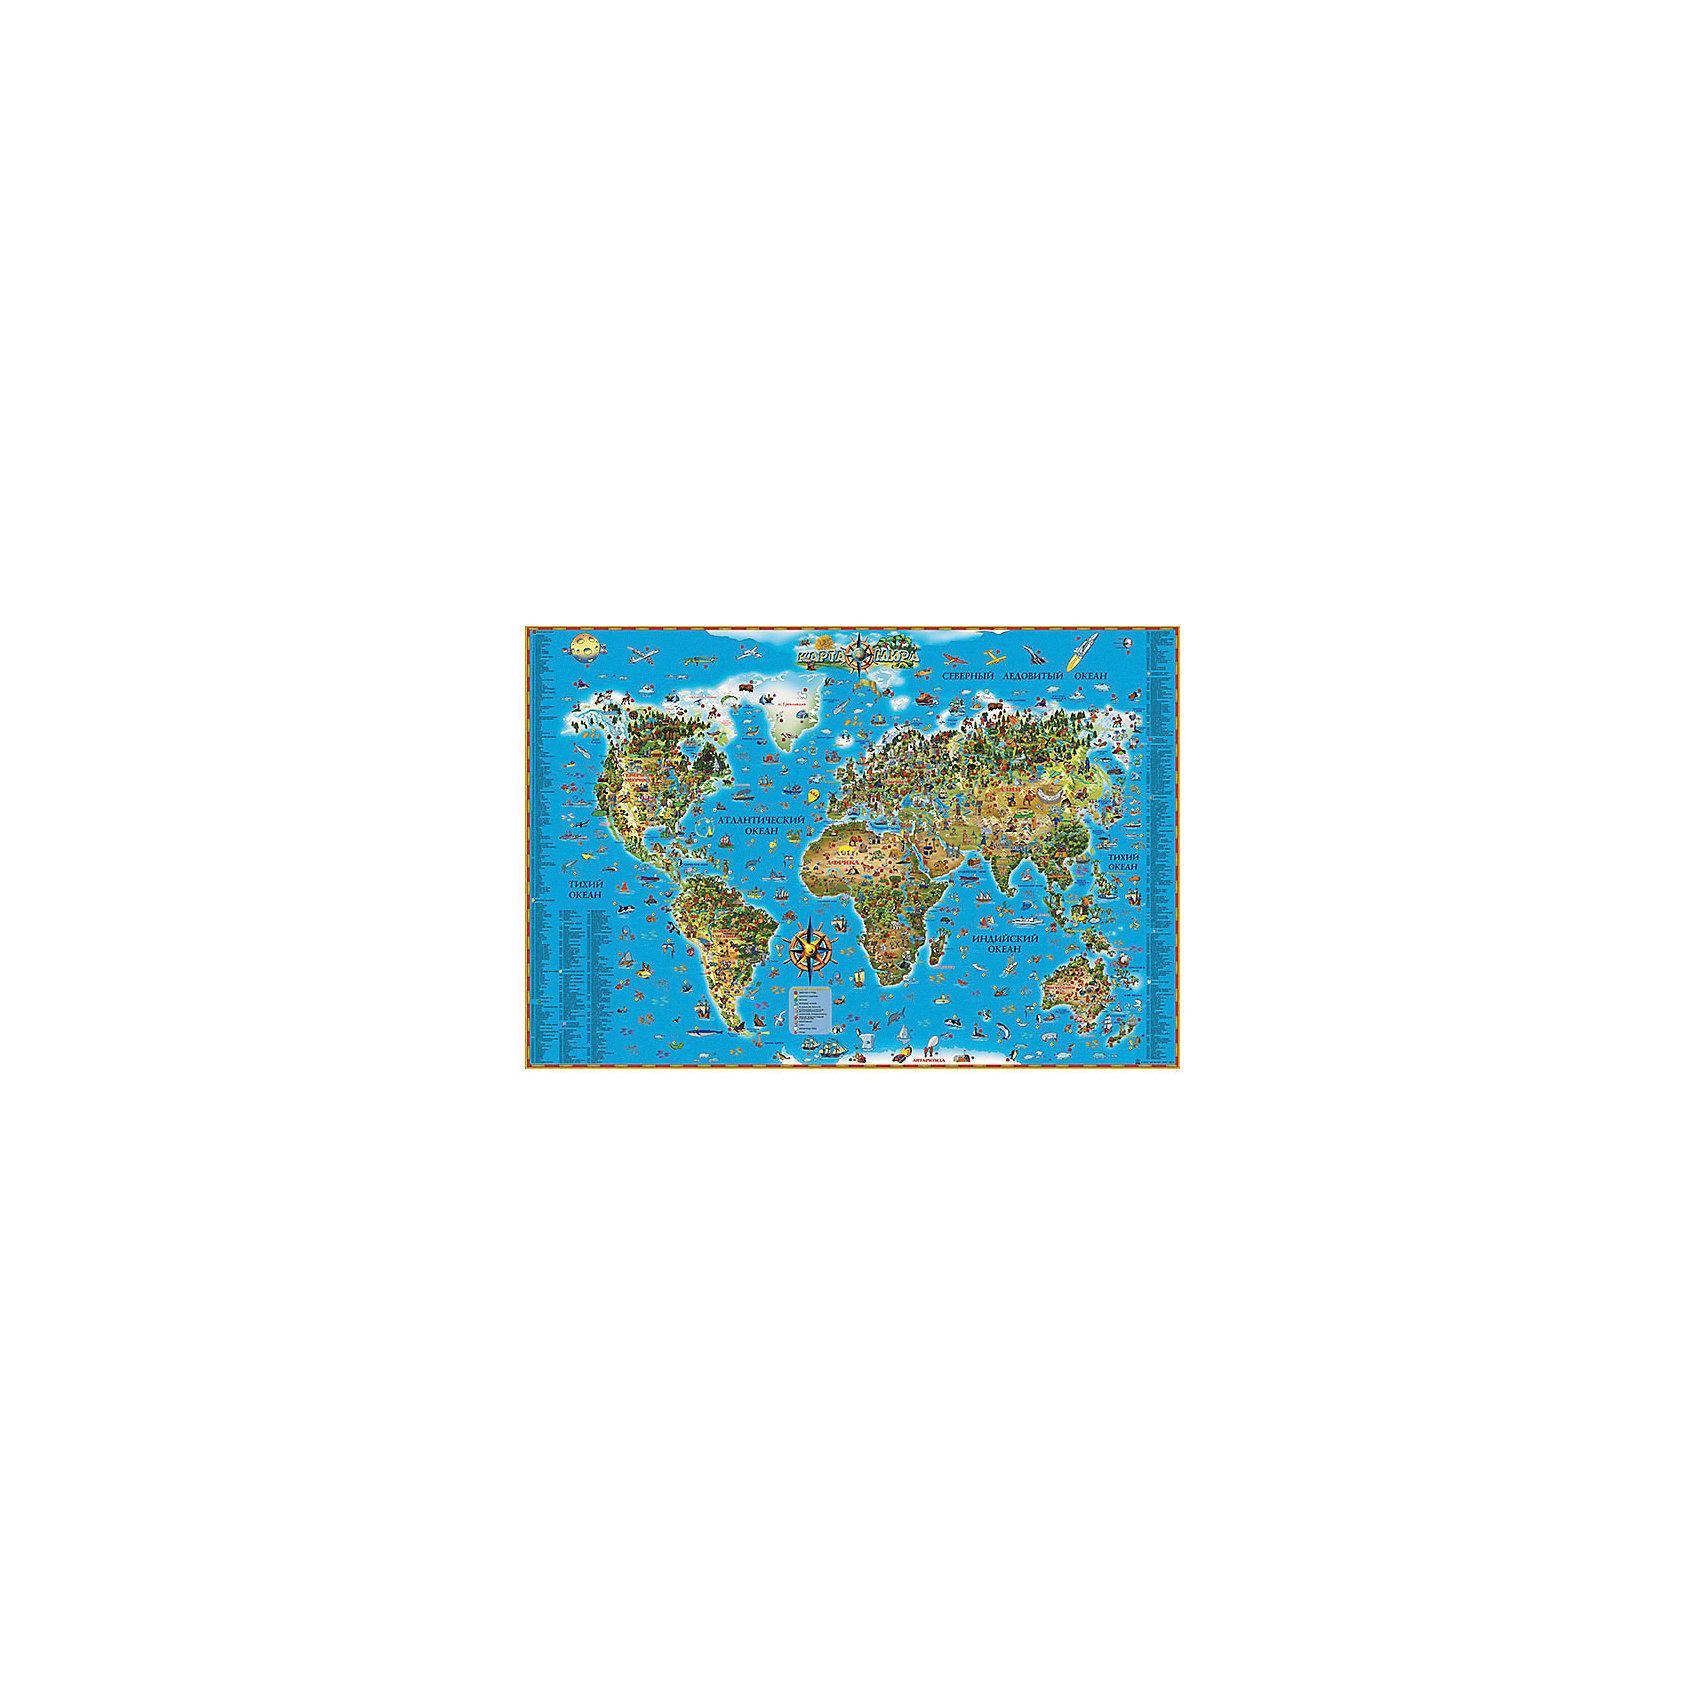 Карта мираЯркое наглядное пособие сделает урок окружающего мира или географии увлекательным и веселым. На карте изображены  животные, растения, архитектурные памятники и другие объекты, расположенные в строгом географическом соответствии. С помощью них ребенок быстрее усвоит учебный материал, если вы превратите процесс обучения в игру.<br><br>Дополнительная информация:<br><br>- Карта в картонном тубусе.<br>- Материал: бумага.<br>- Размер: 122х79 см. <br>- Масштаб: <br><br>Карту мира можно купить в нашем магазине.<br><br>Ширина мм: 960<br>Глубина мм: 60<br>Высота мм: 960<br>Вес г: 451<br>Возраст от месяцев: 36<br>Возраст до месяцев: 2147483647<br>Пол: Унисекс<br>Возраст: Детский<br>SKU: 4093397